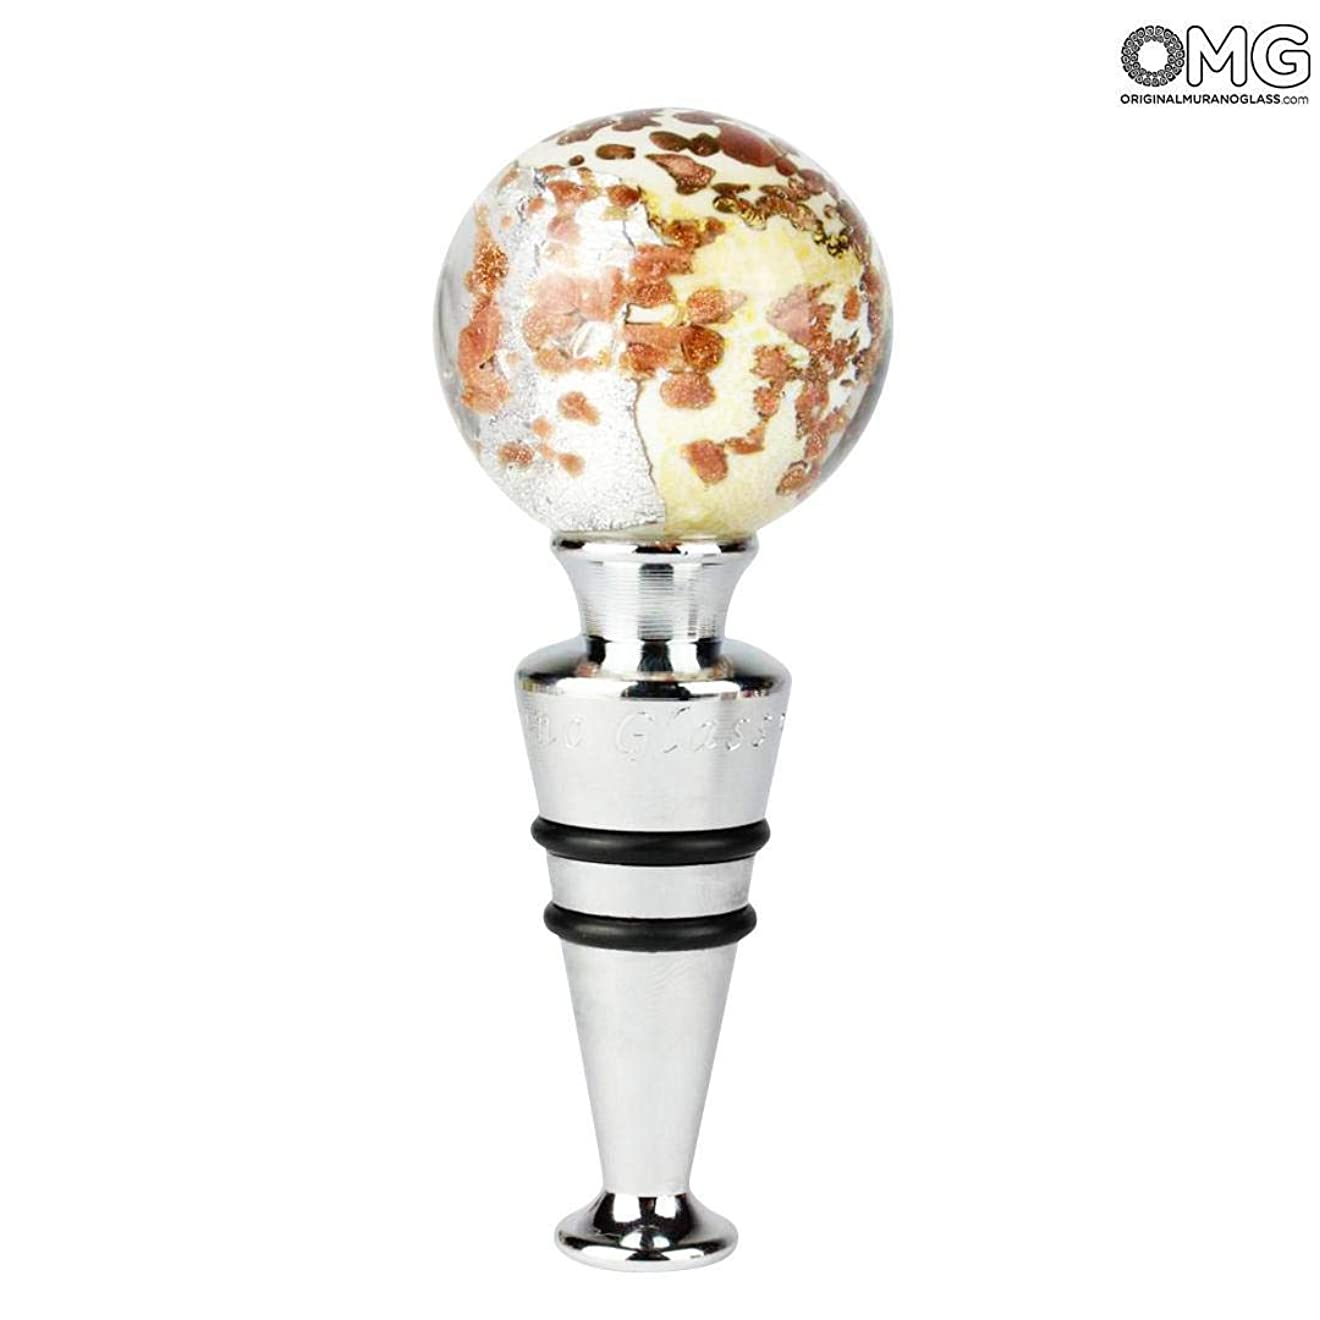 再生つづり競うオリジナル ムラーノガラス OMG ボトルストッパー - アベンチュリン